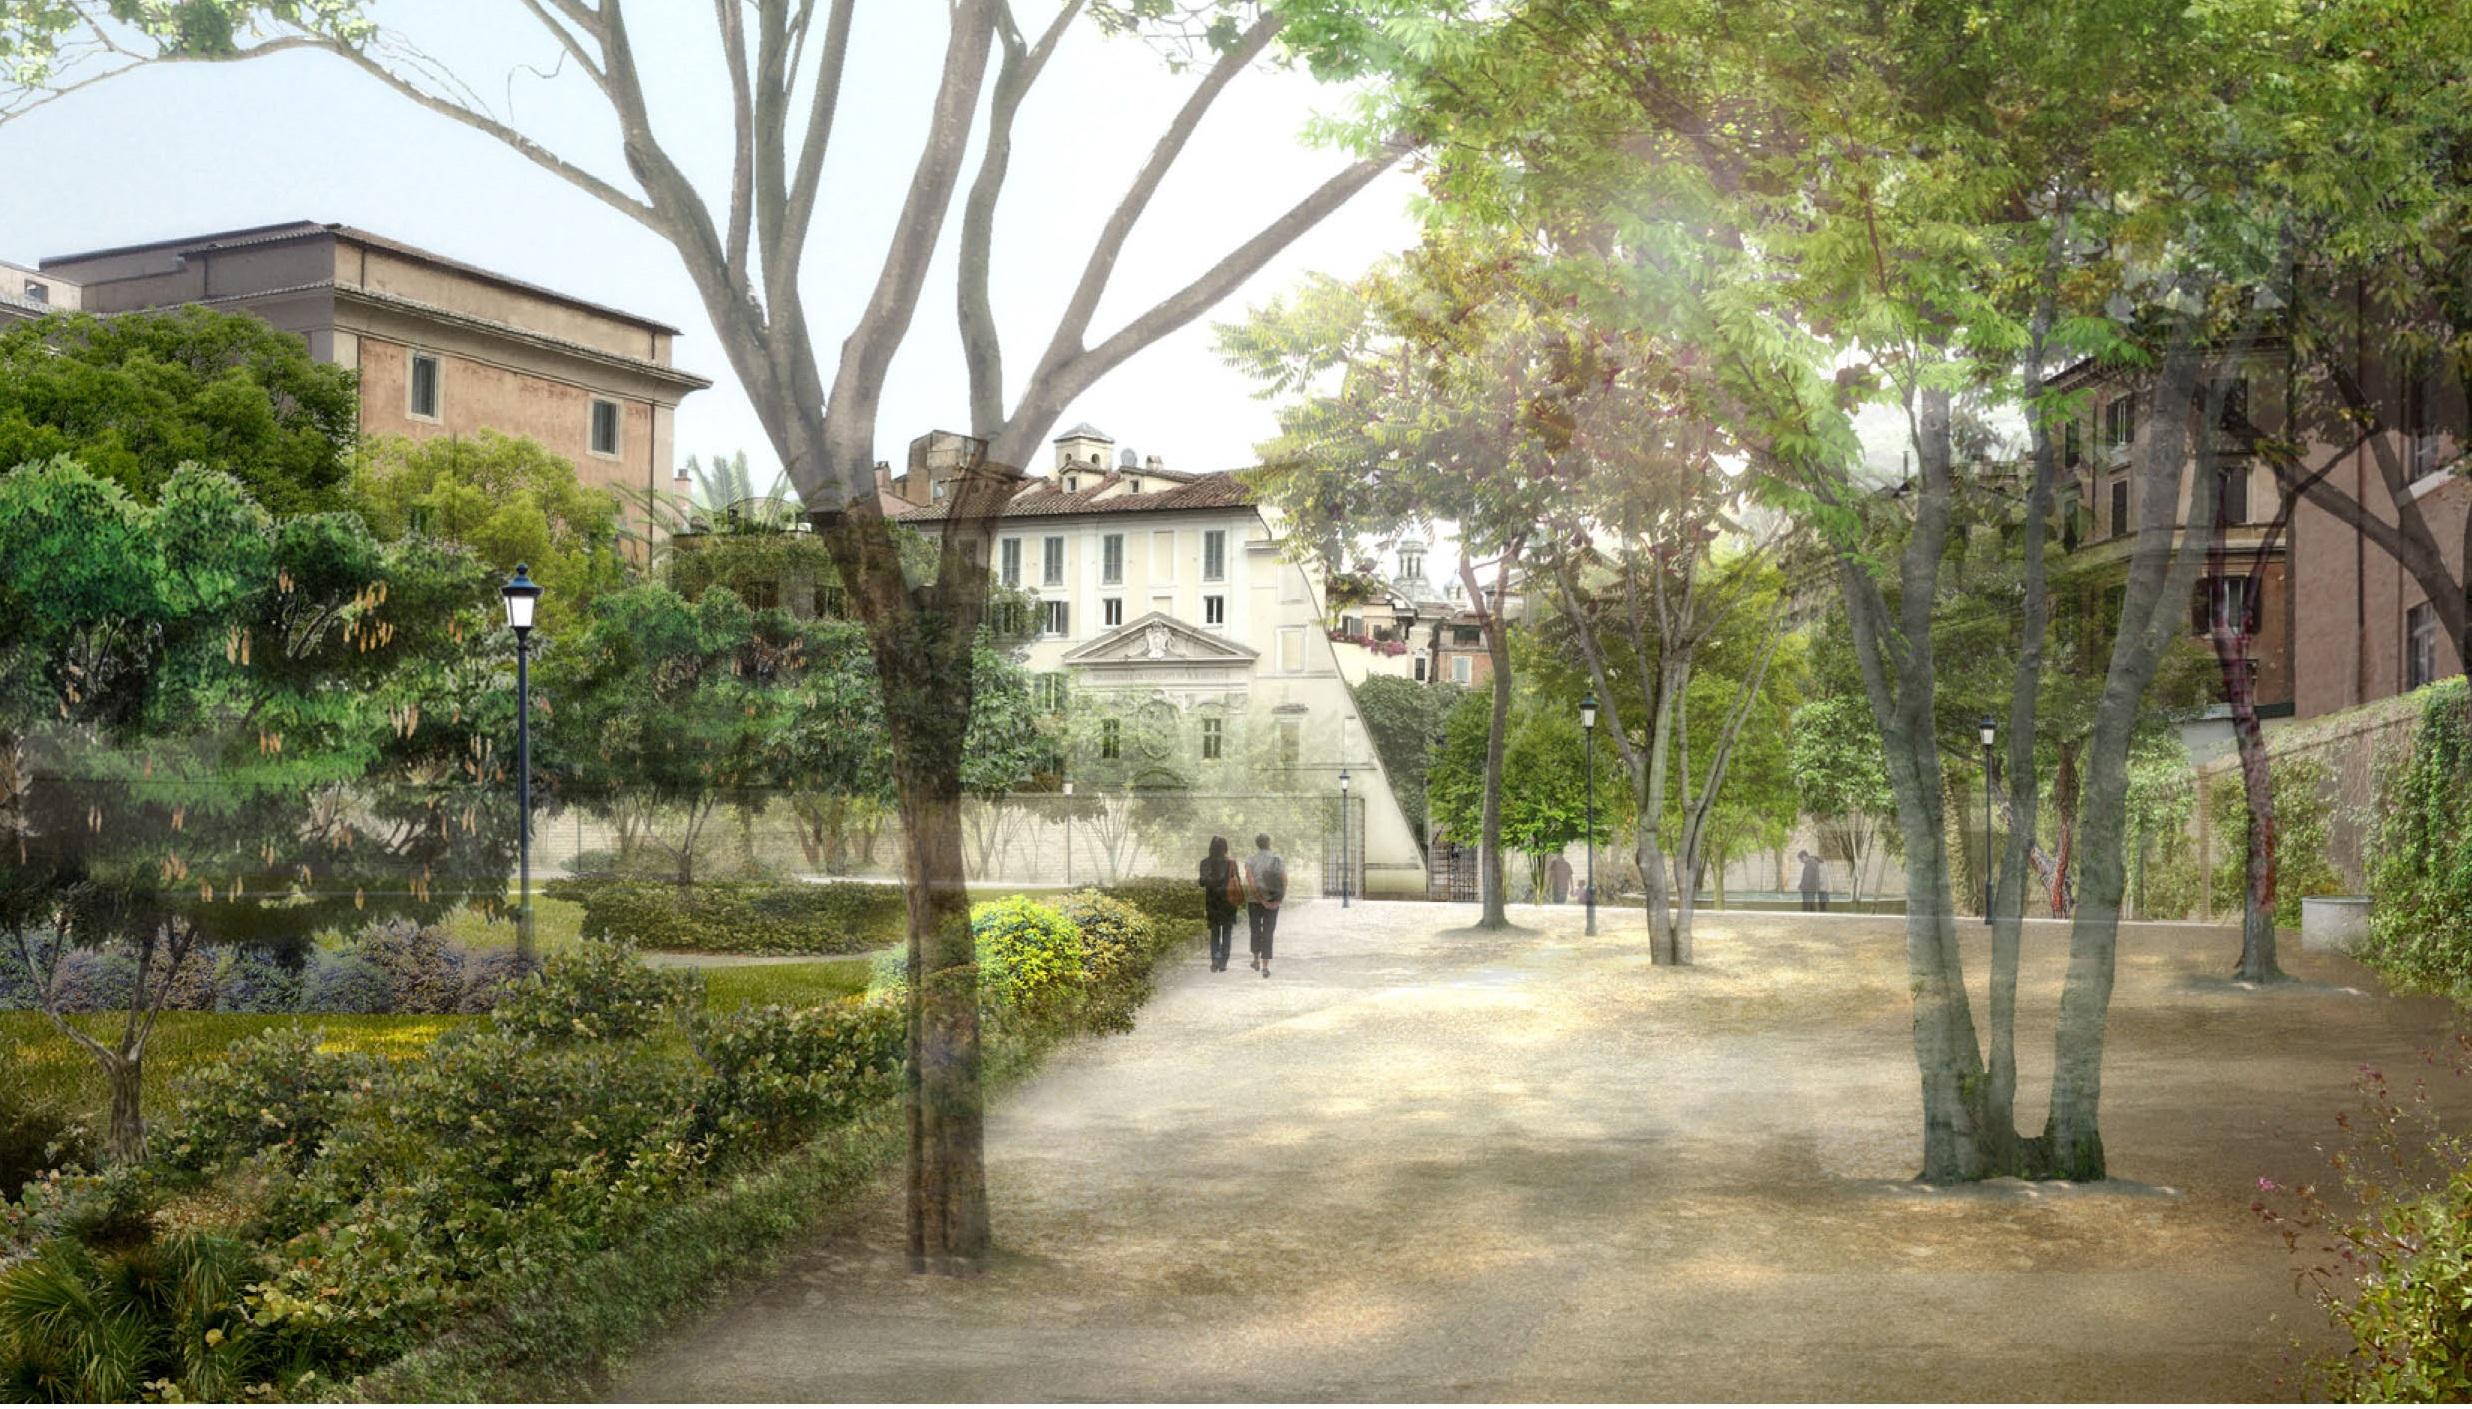 Presentazione del progetto per un giardino pubblico a via for Rendering giardino